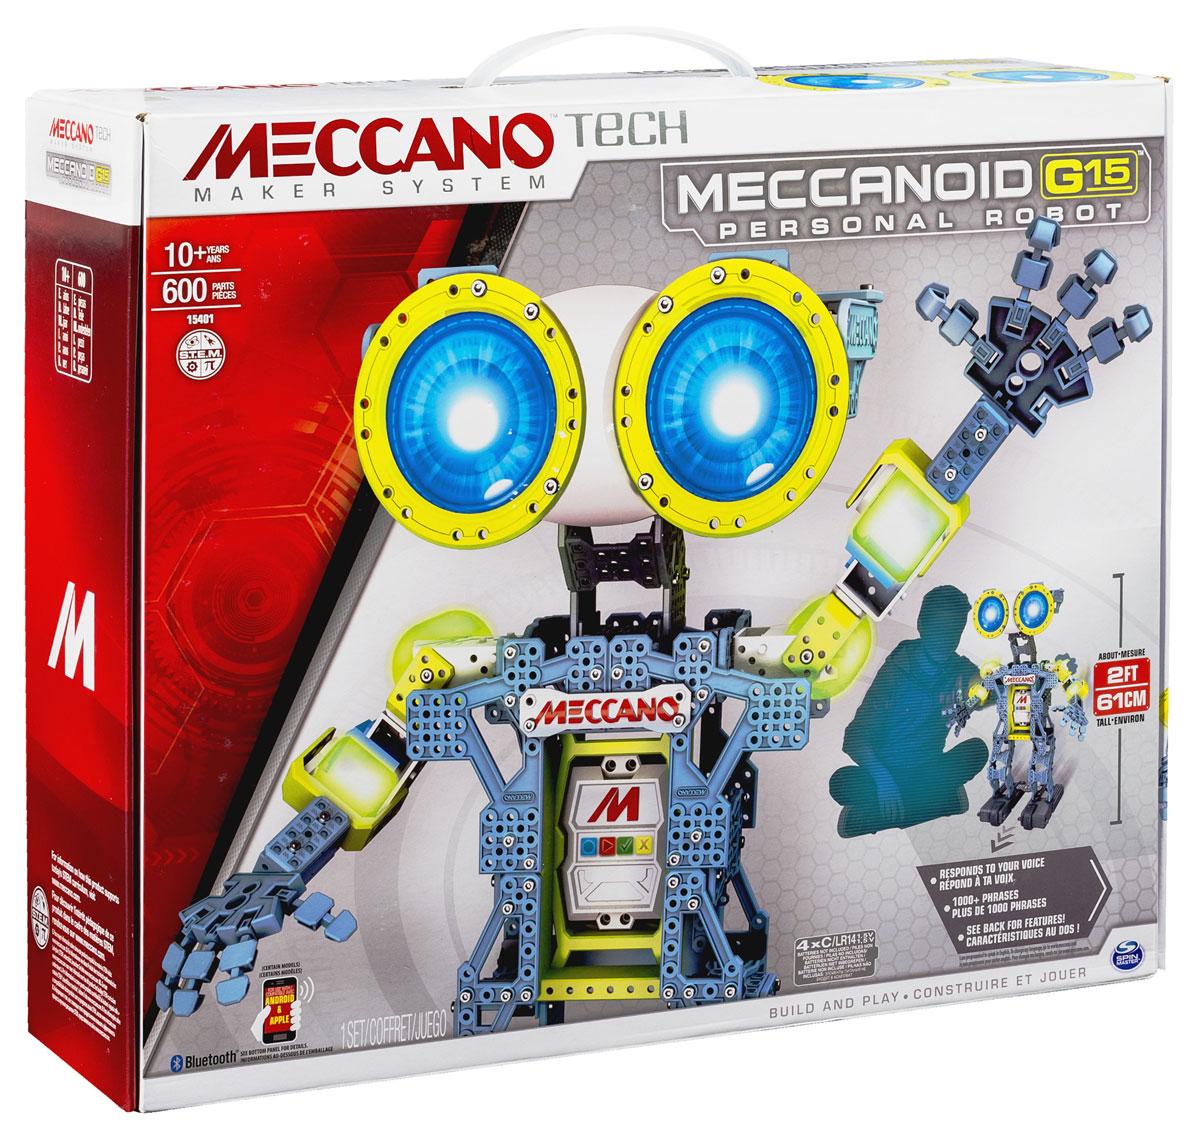 Meccano Конструктор Робот Меканоид G1591763Конструктор Meccano Робот Мекканоид G15 - это больше, чем просто игрушка. Для его построения вам понадобится 600 деталей. G15 - это ваш чрезвычайно остроумный лучший друг ростом в 60 сантиметров. Он оснащен удивительной системой распознавания голоса и хранит свыше тысячи запрограммированных фраз, комментариев и остроумных ответов. Программировать робота совсем не сложно, положитесь на свою интуицию - особых навыков вам не понадобится! Ключом к программированию робота является его встроенный Меккамозг. Программирование Мекканоида G15 производится 3 инновационными способами: благодаря режиму программирования движений (РПД), вы можете просто изменять положение рук робота или разговаривать с ним, а Мекканоид при этом записывает то, что вы делаете и повторяет это снова для вас! Вы можете управлять и программировать при помощи своего смартфона: возьмите руки робота и двигайте ими. Мекканоид запомнит движения и повторит их. Запустите на смартфоне приложение ...